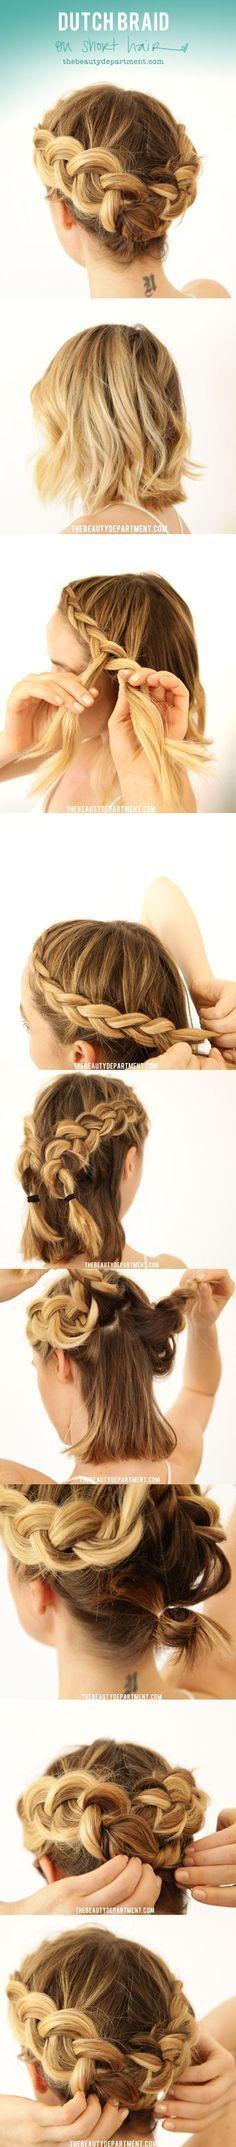 Recogido con trenzas en cabello corto   5 Tutoriales de Peinados Fáciles para cabello corto a los hombros   El Blog de una Novia   #peinado #facil #tutorial